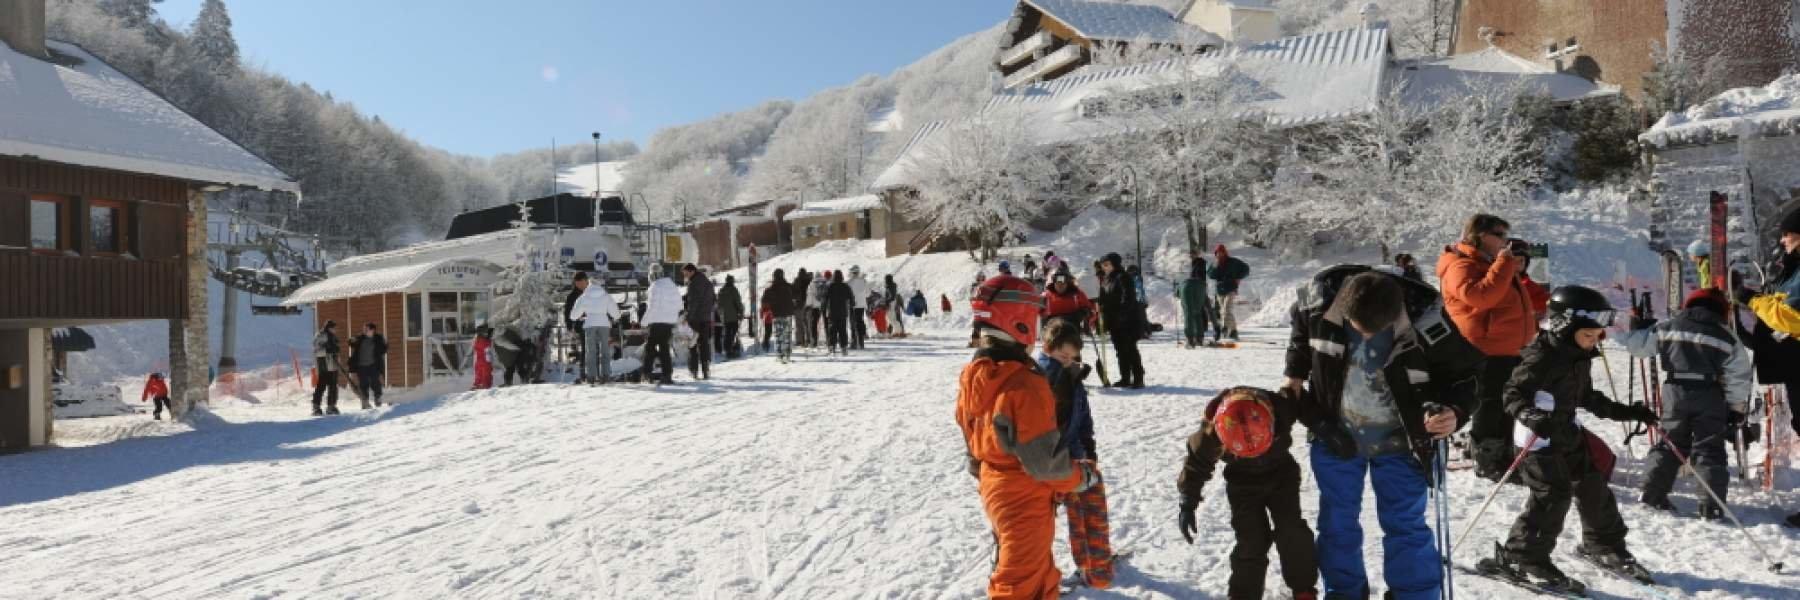 Le front de neige et le départ des remontées mécaniques du Col de Rousset - © Conseil Départemental de la Drome